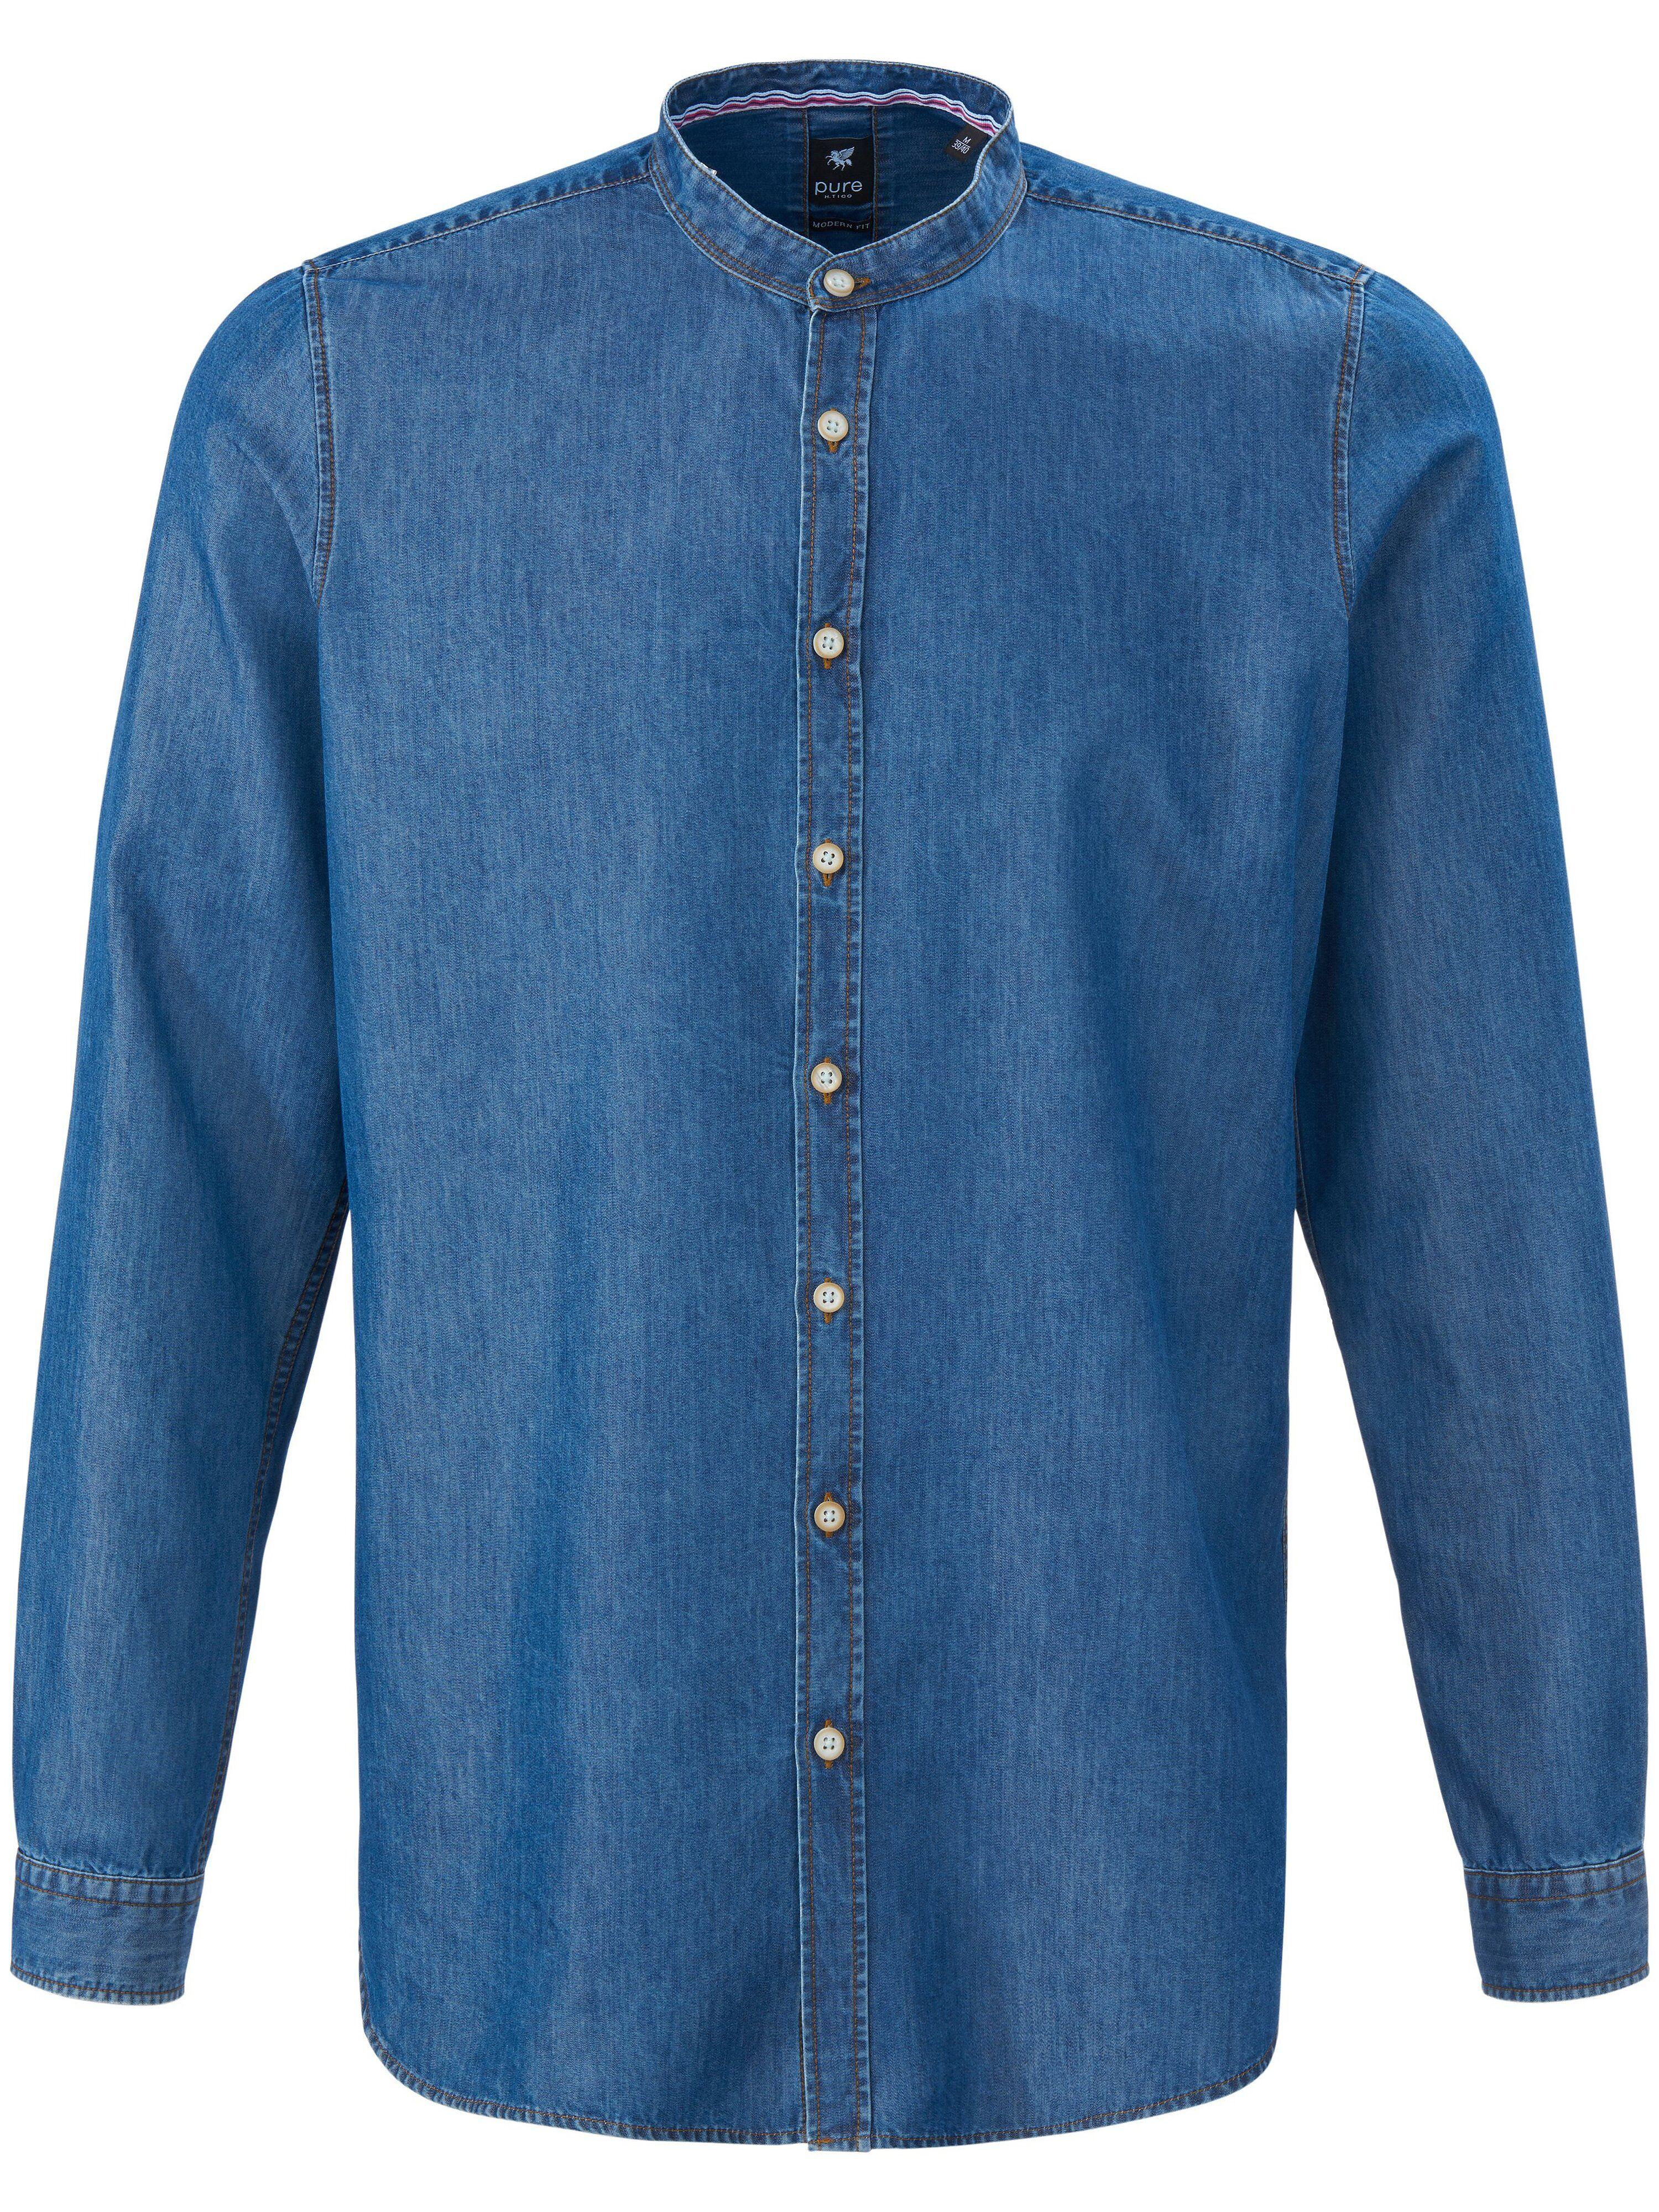 Hatico La chemise en jean avec col montant  Pure denim  - Homme - 39/40